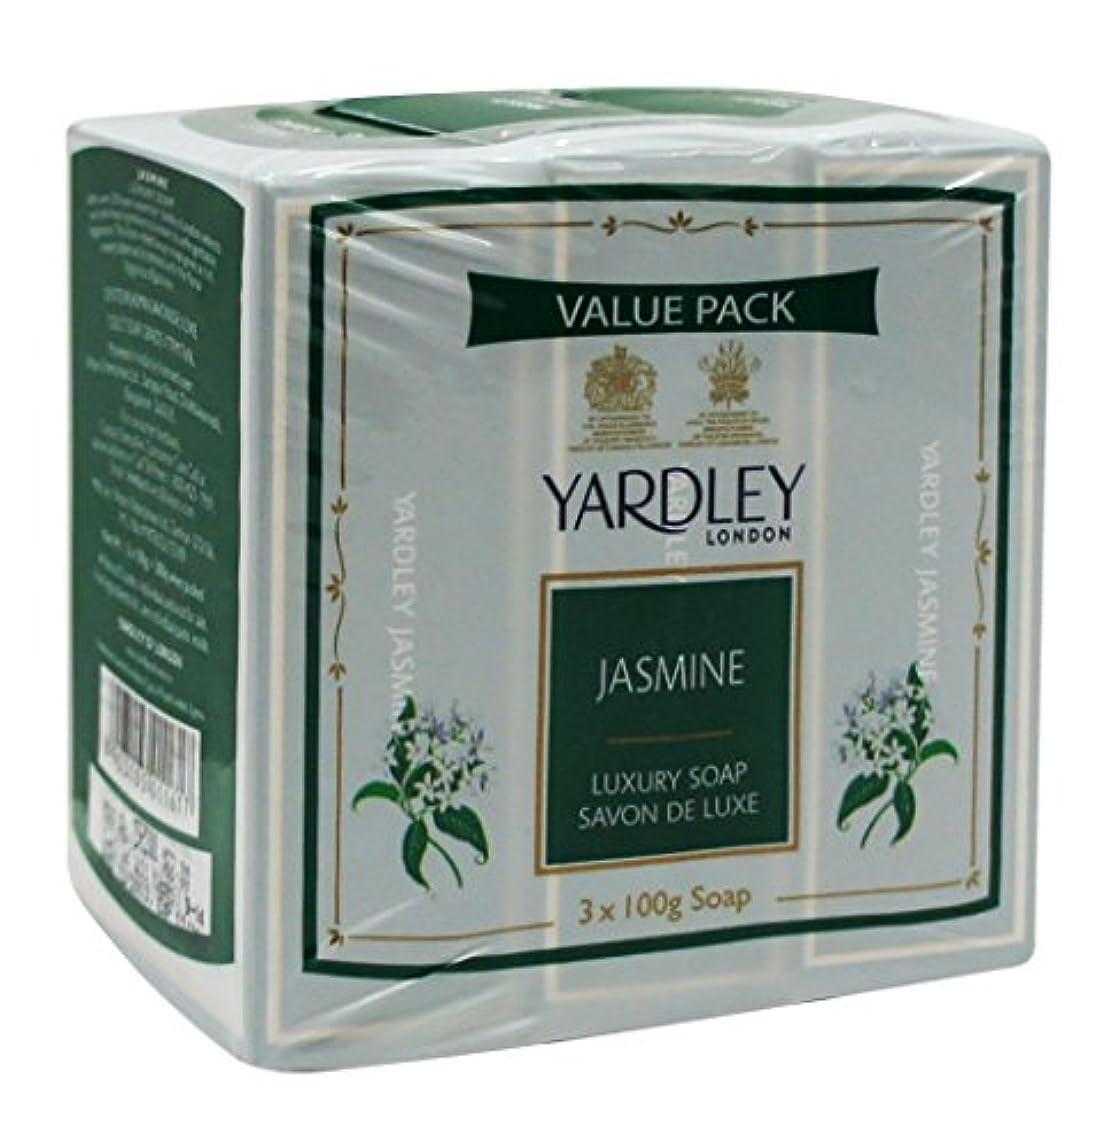 香水あたたかい予備Yardley London Value Pack Luxury Soap 3x100g Jasmine by Yardley